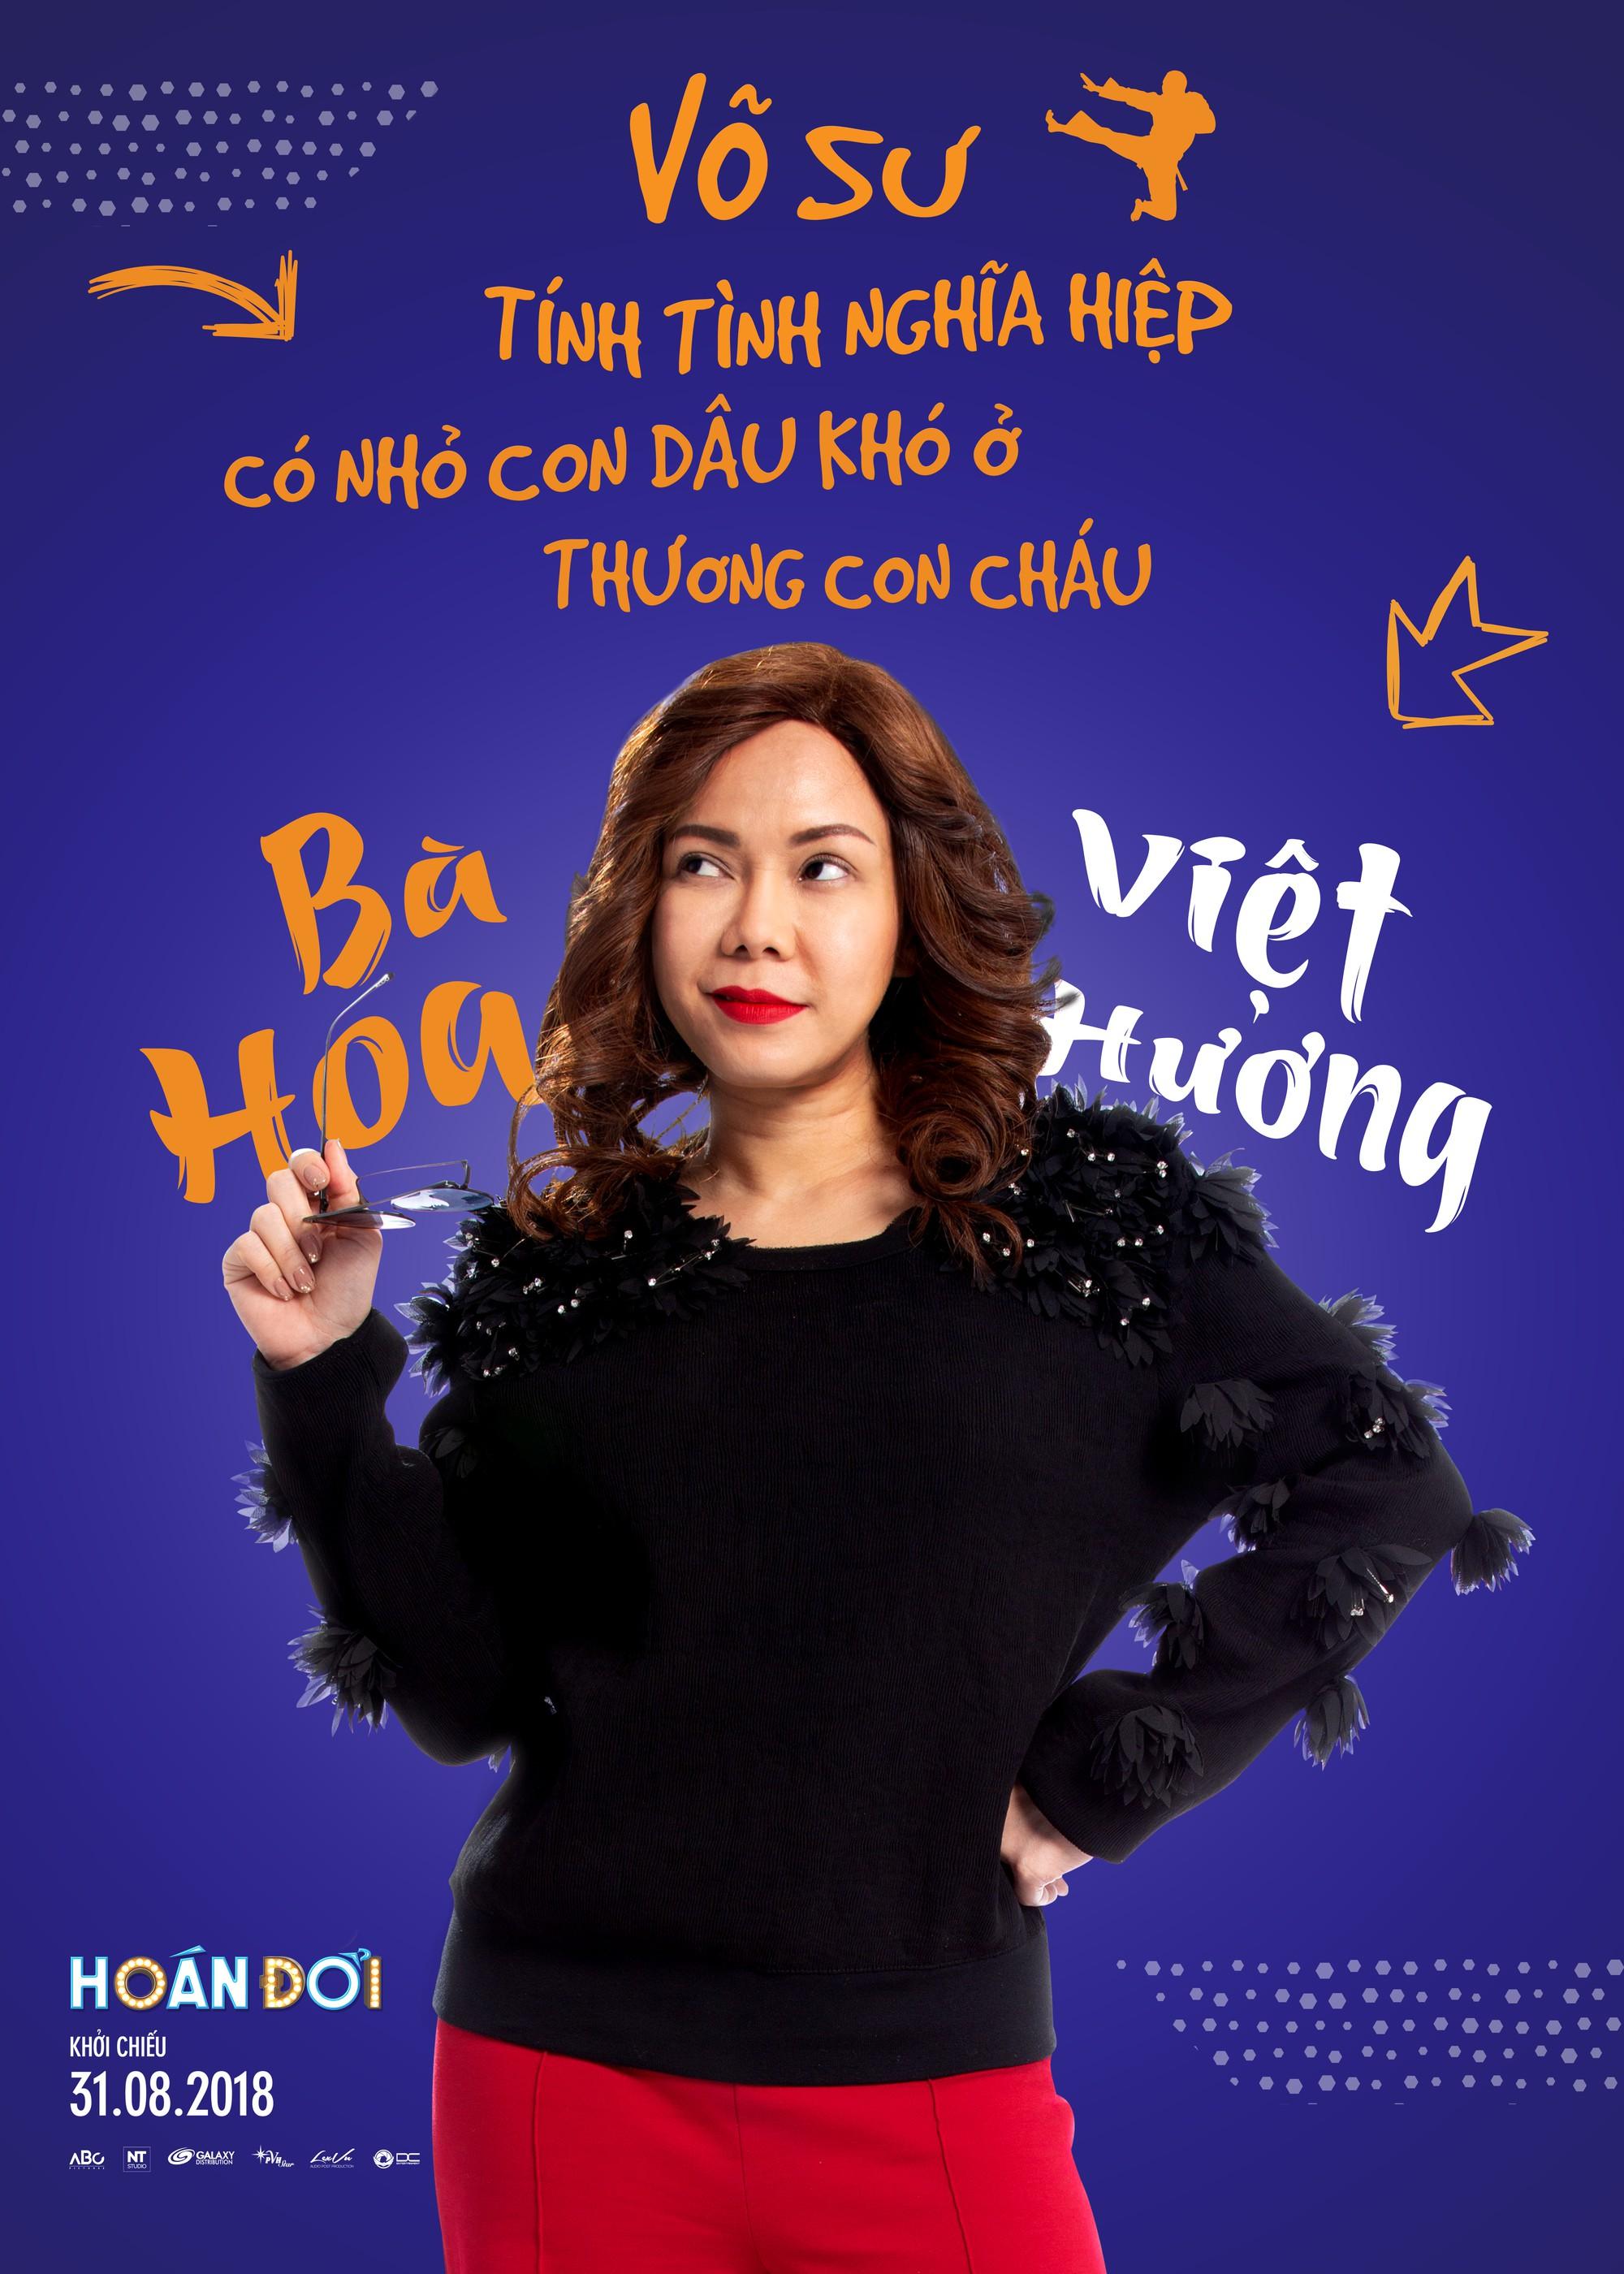 Nhã Phương, Việt Hương xuất hiện với hình ảnh quá sai - Ảnh 3.